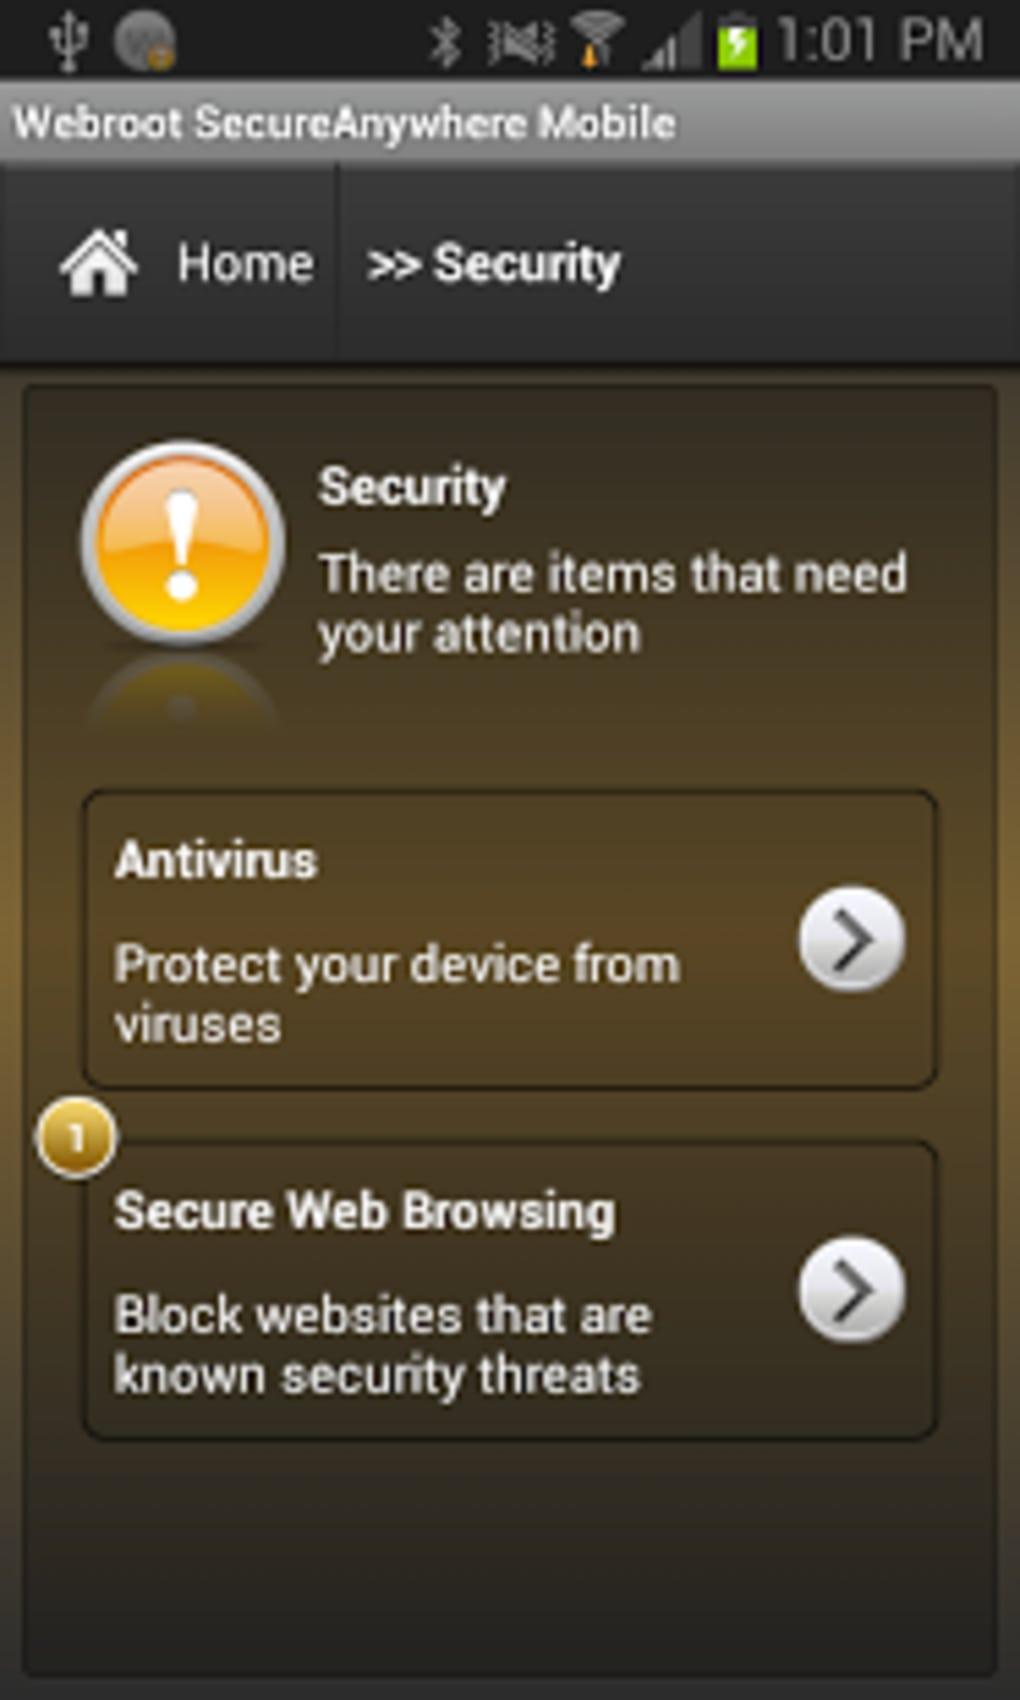 webroot antivirus free download